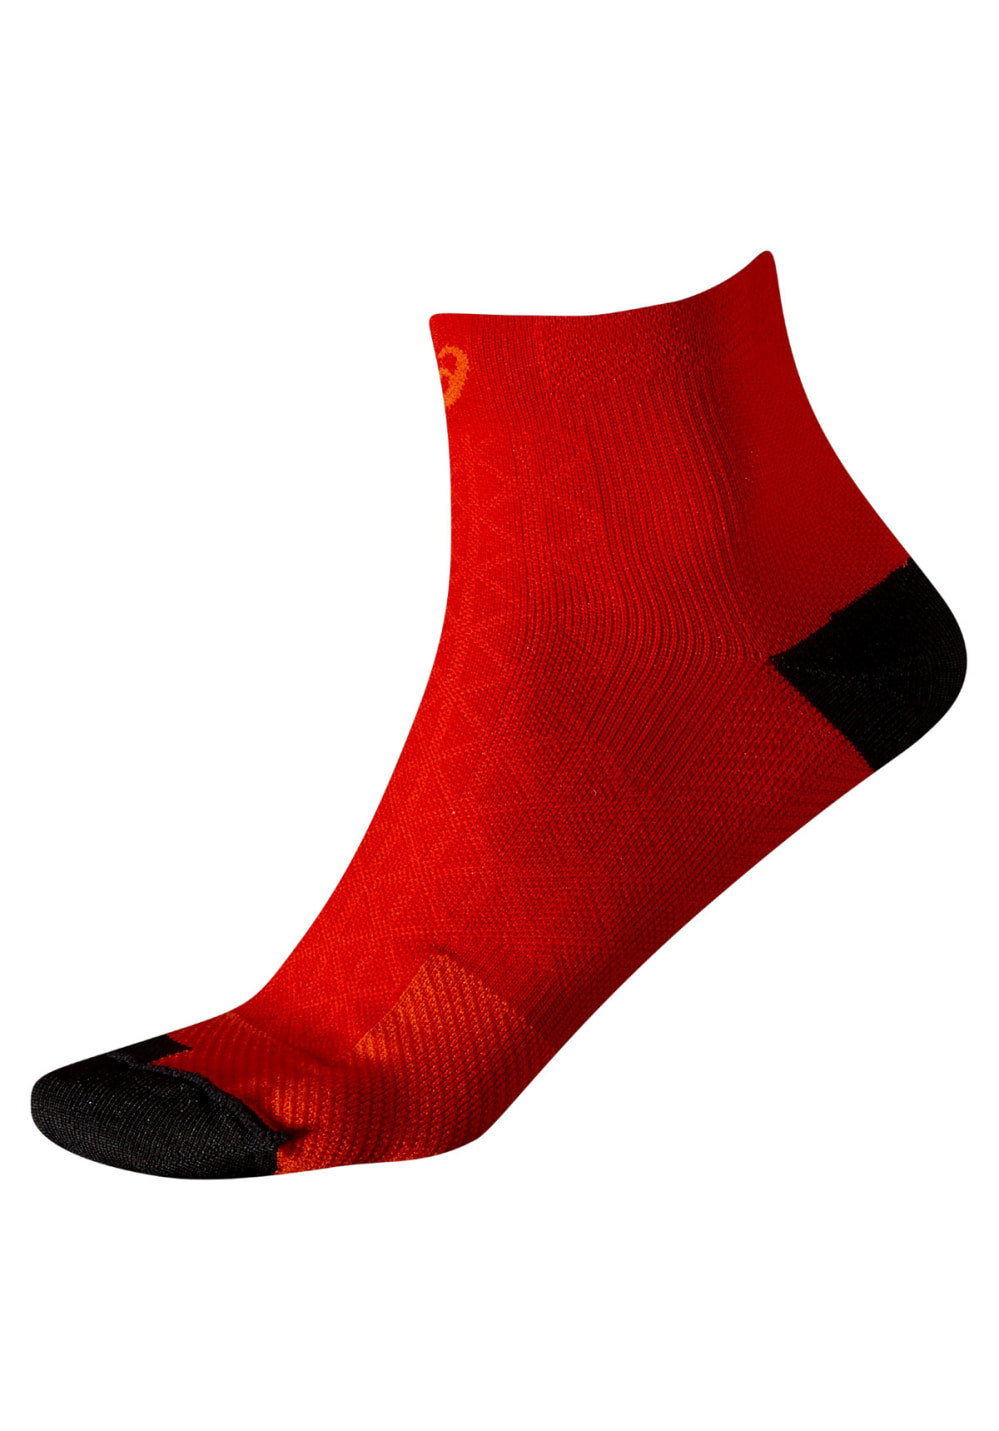 ... ASICS Running Motion Lt Sock - Running socks - Red. Back to Overview.  -40% 69895f068f